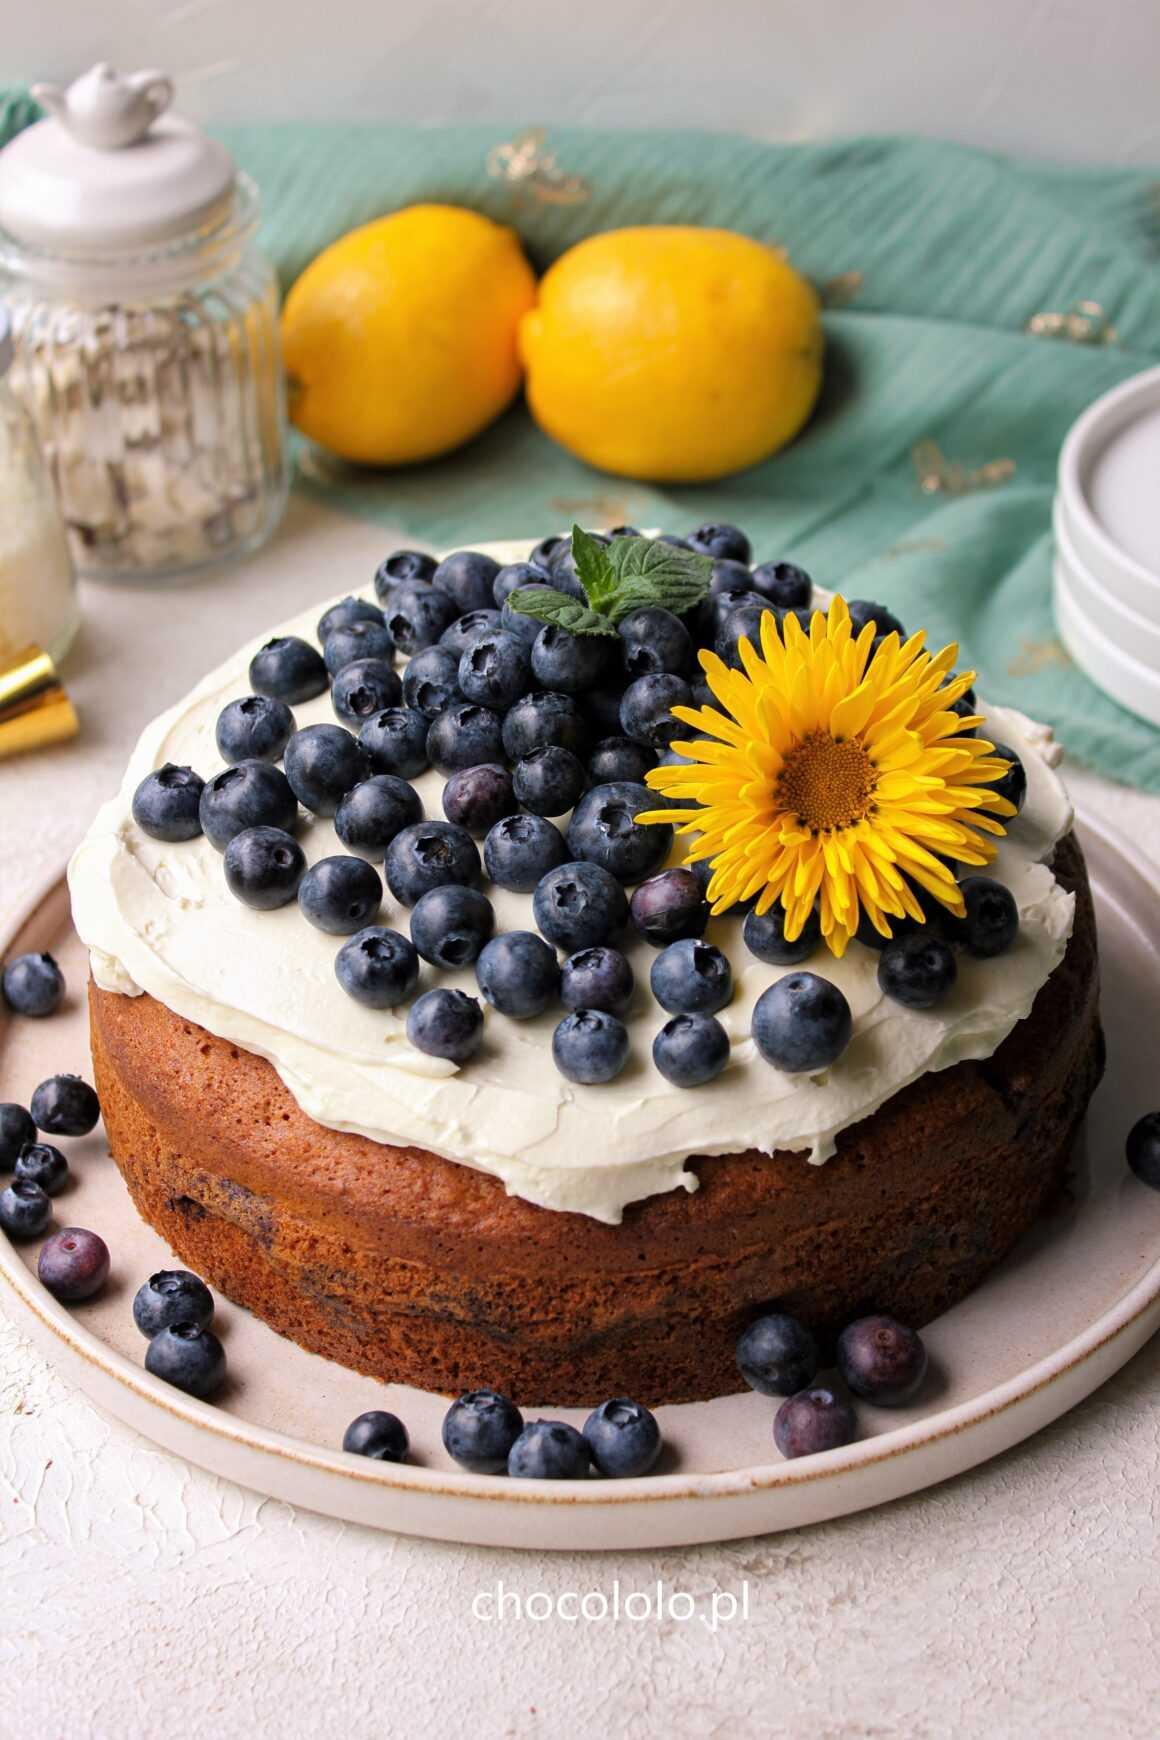 cytrynowe ciasto z białą czekoladą, kremem i borówkami